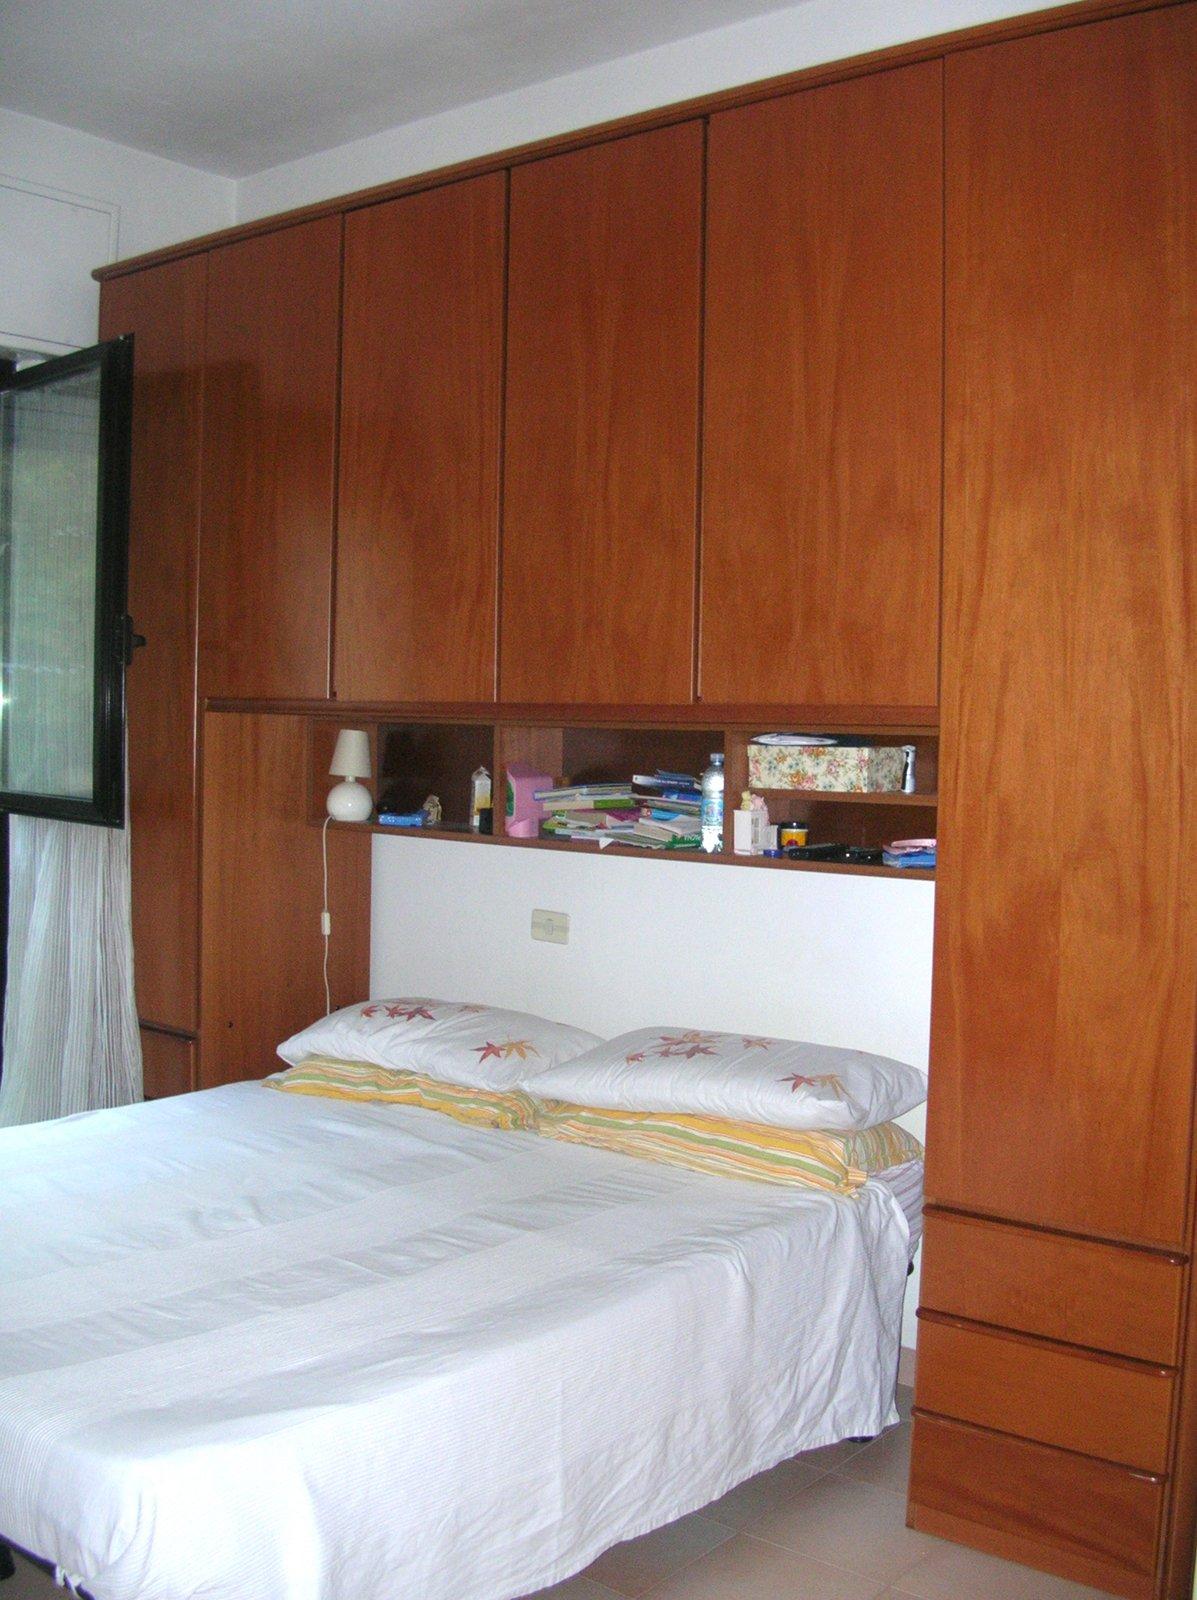 La camera da letto si fa nuova con un tocco di bianco - Camere da letto fai da te ...